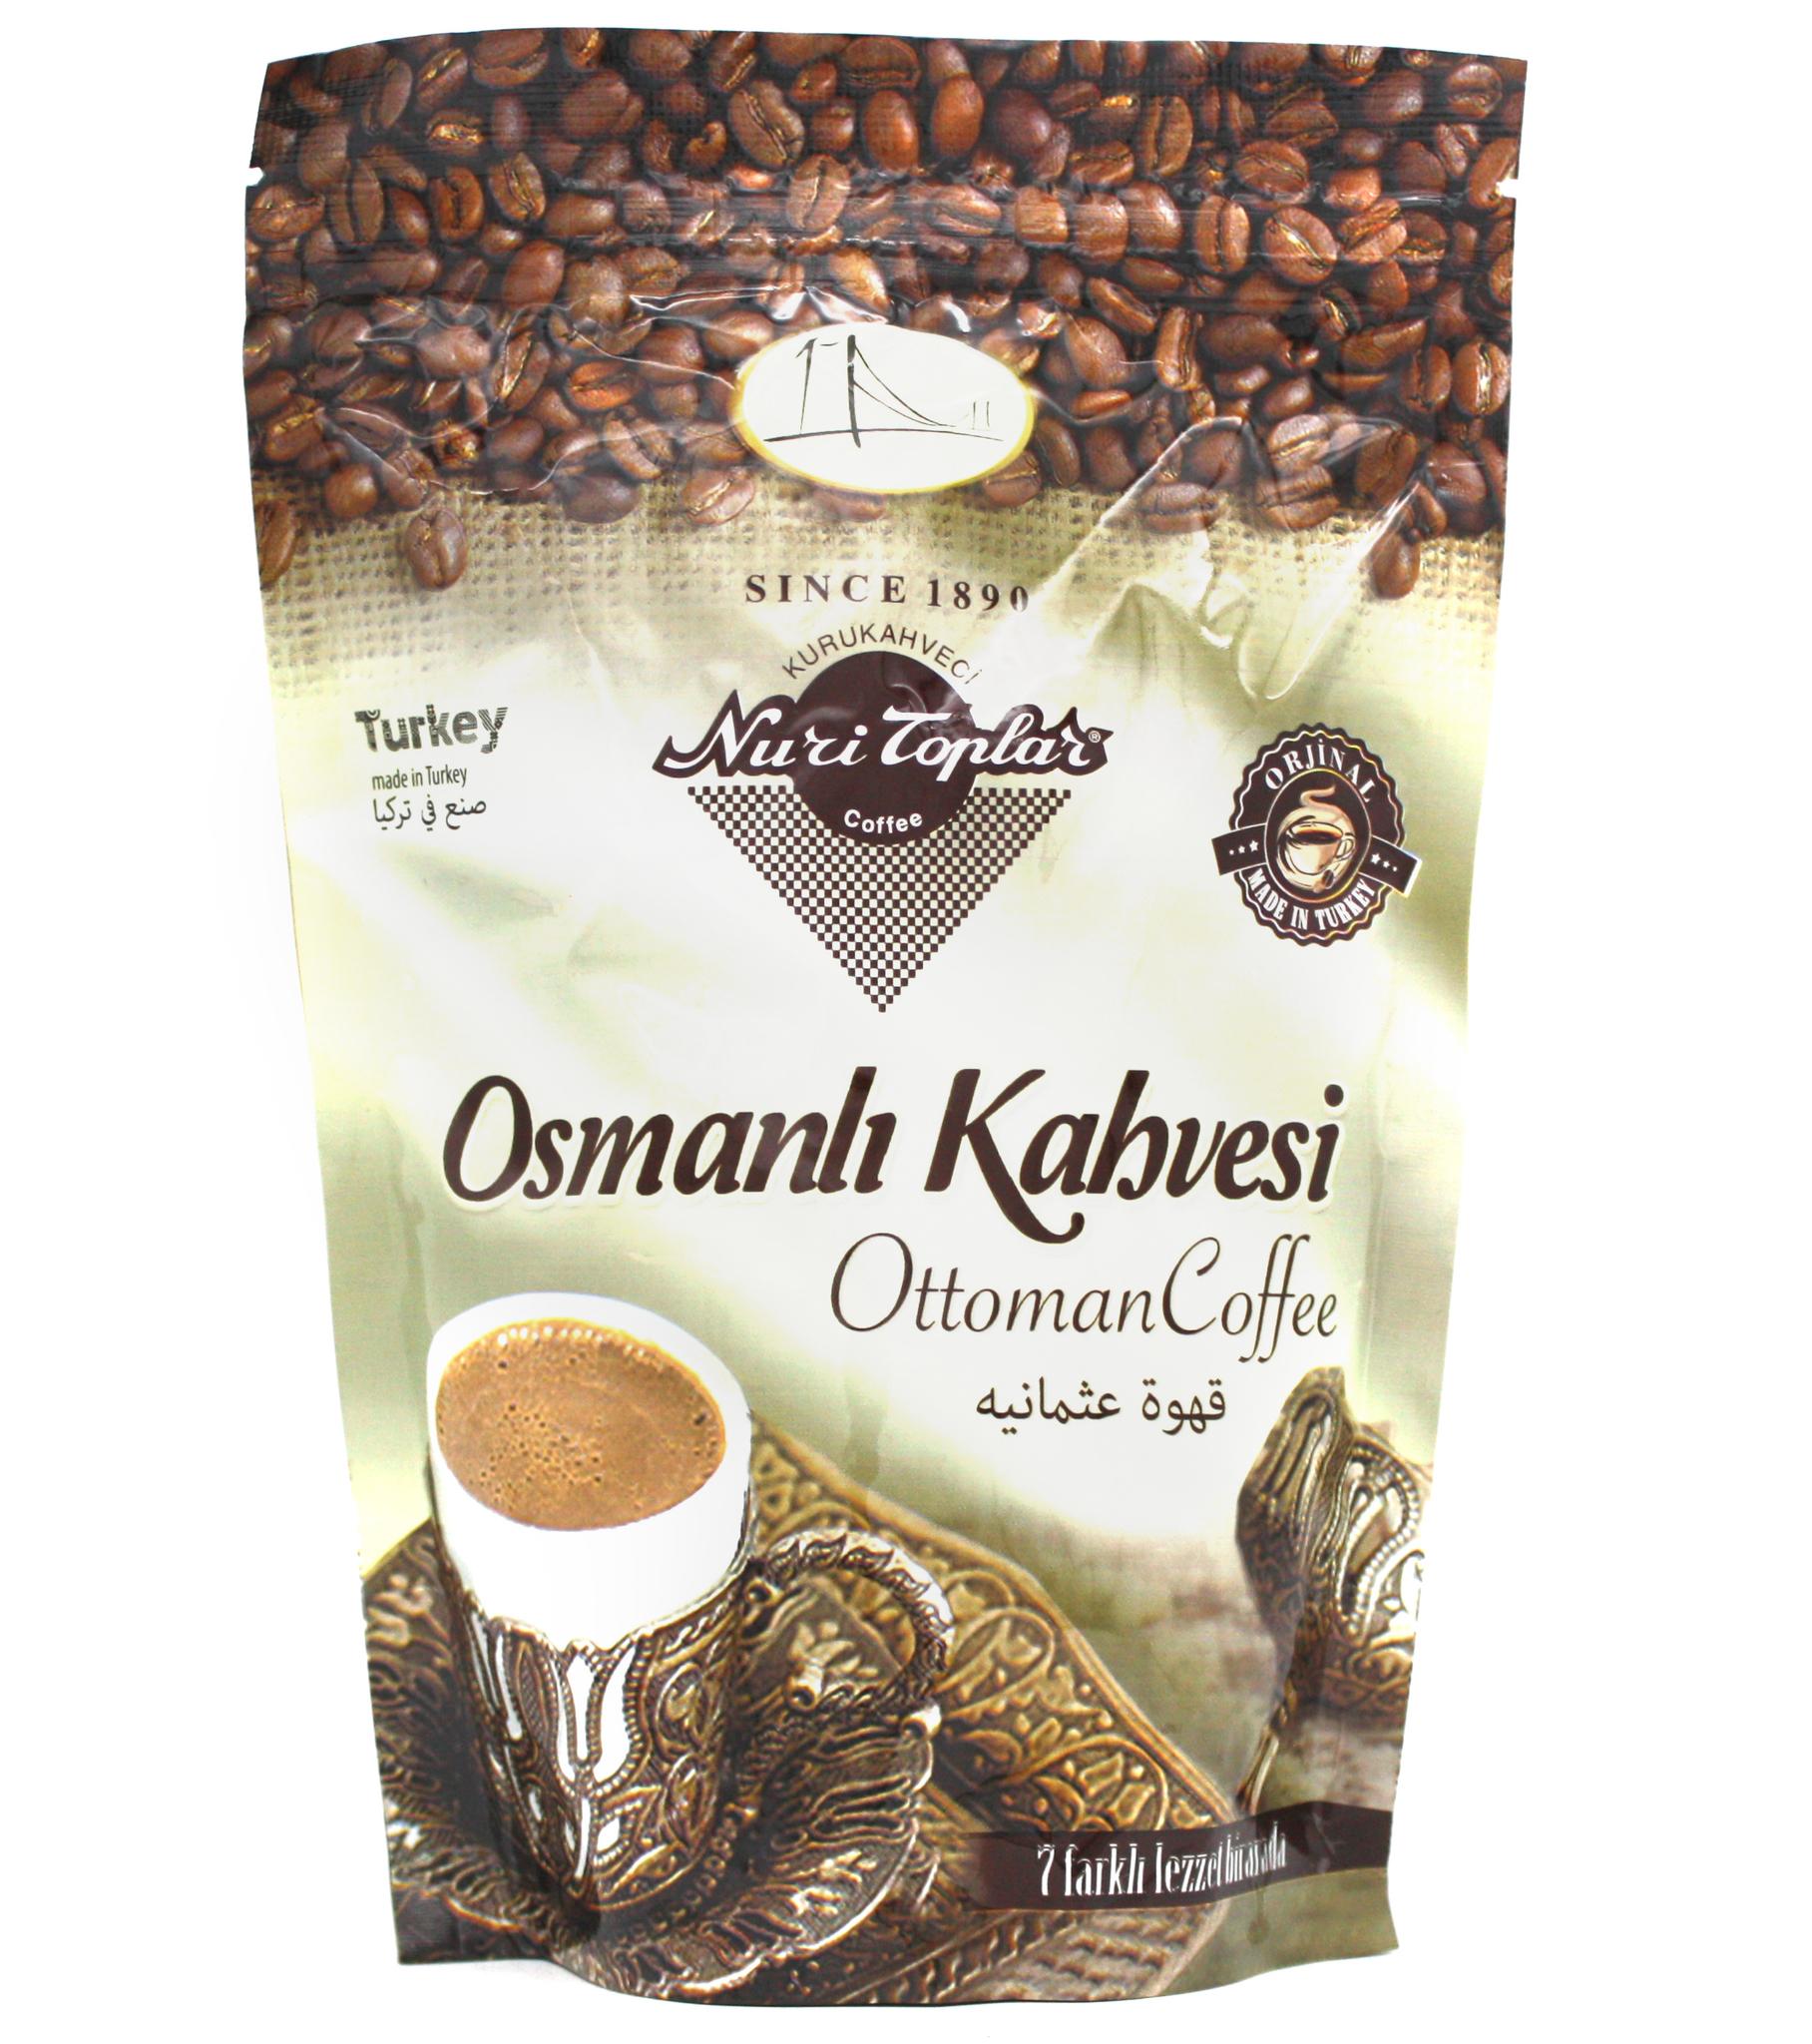 Кофейный напиток Кофейный напиток Ottoman, Nuri Toplar, 250 г import_files_48_48a2def7d9e211e9a9b6484d7ecee297_c2b1d520ebee11e9a9b7484d7ecee297.jpg